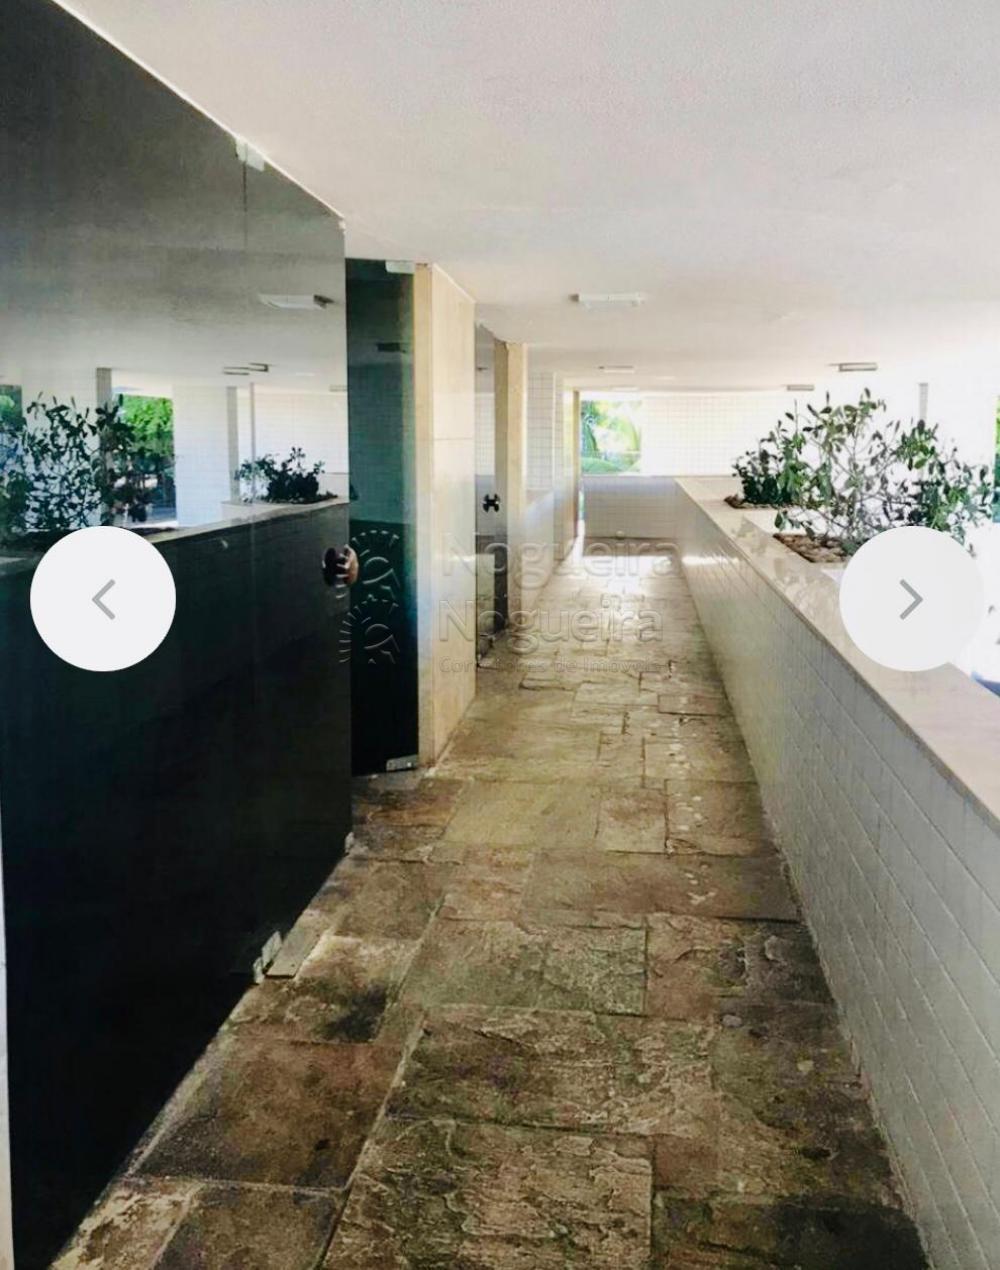 Apartamento com excelente localização no bairro de Boa Viagem, ao lado do Parque Dona Lindu.  O imóvel possui três quartos, sendo uma suíte, sala para dois ambientes, cozinha, área de serviço, banheiro de serviço, quarto de serviço.  Empreendimento com câmeras de segurança, cerca elétrica e portaria 24 horas.  Agende sua visita!